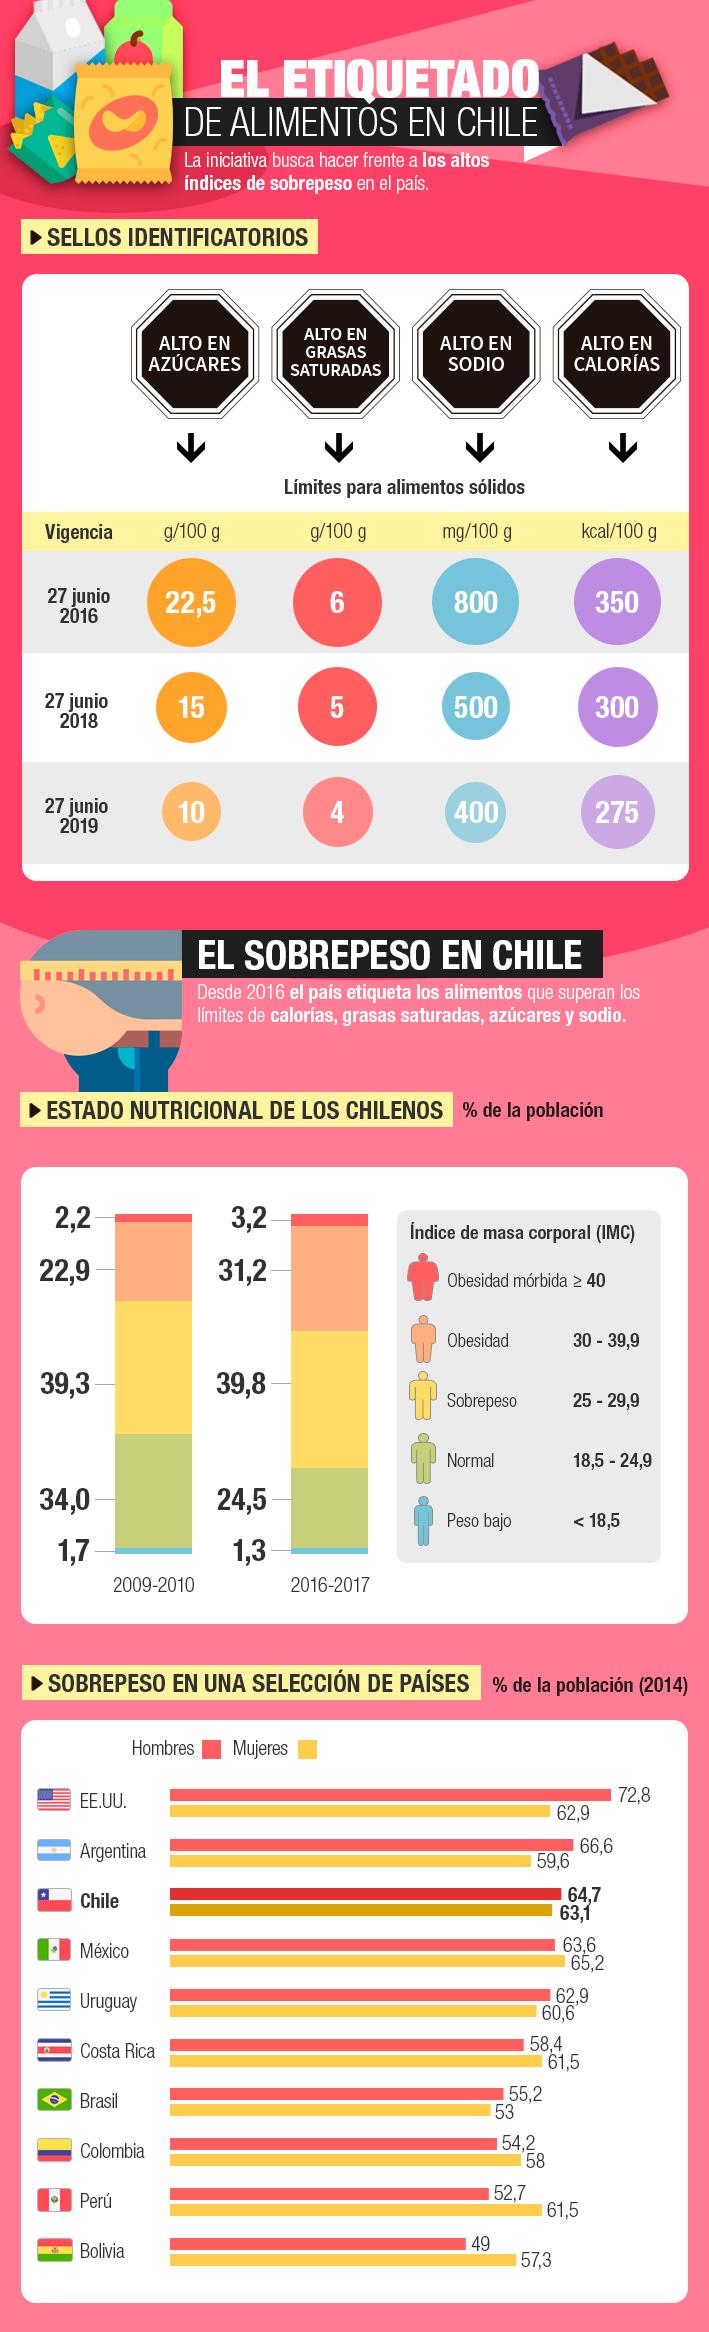 Ley de Etiquetado: Cómo se endurecerán los estándares y los alarmantes índices de sobrepeso en Chile